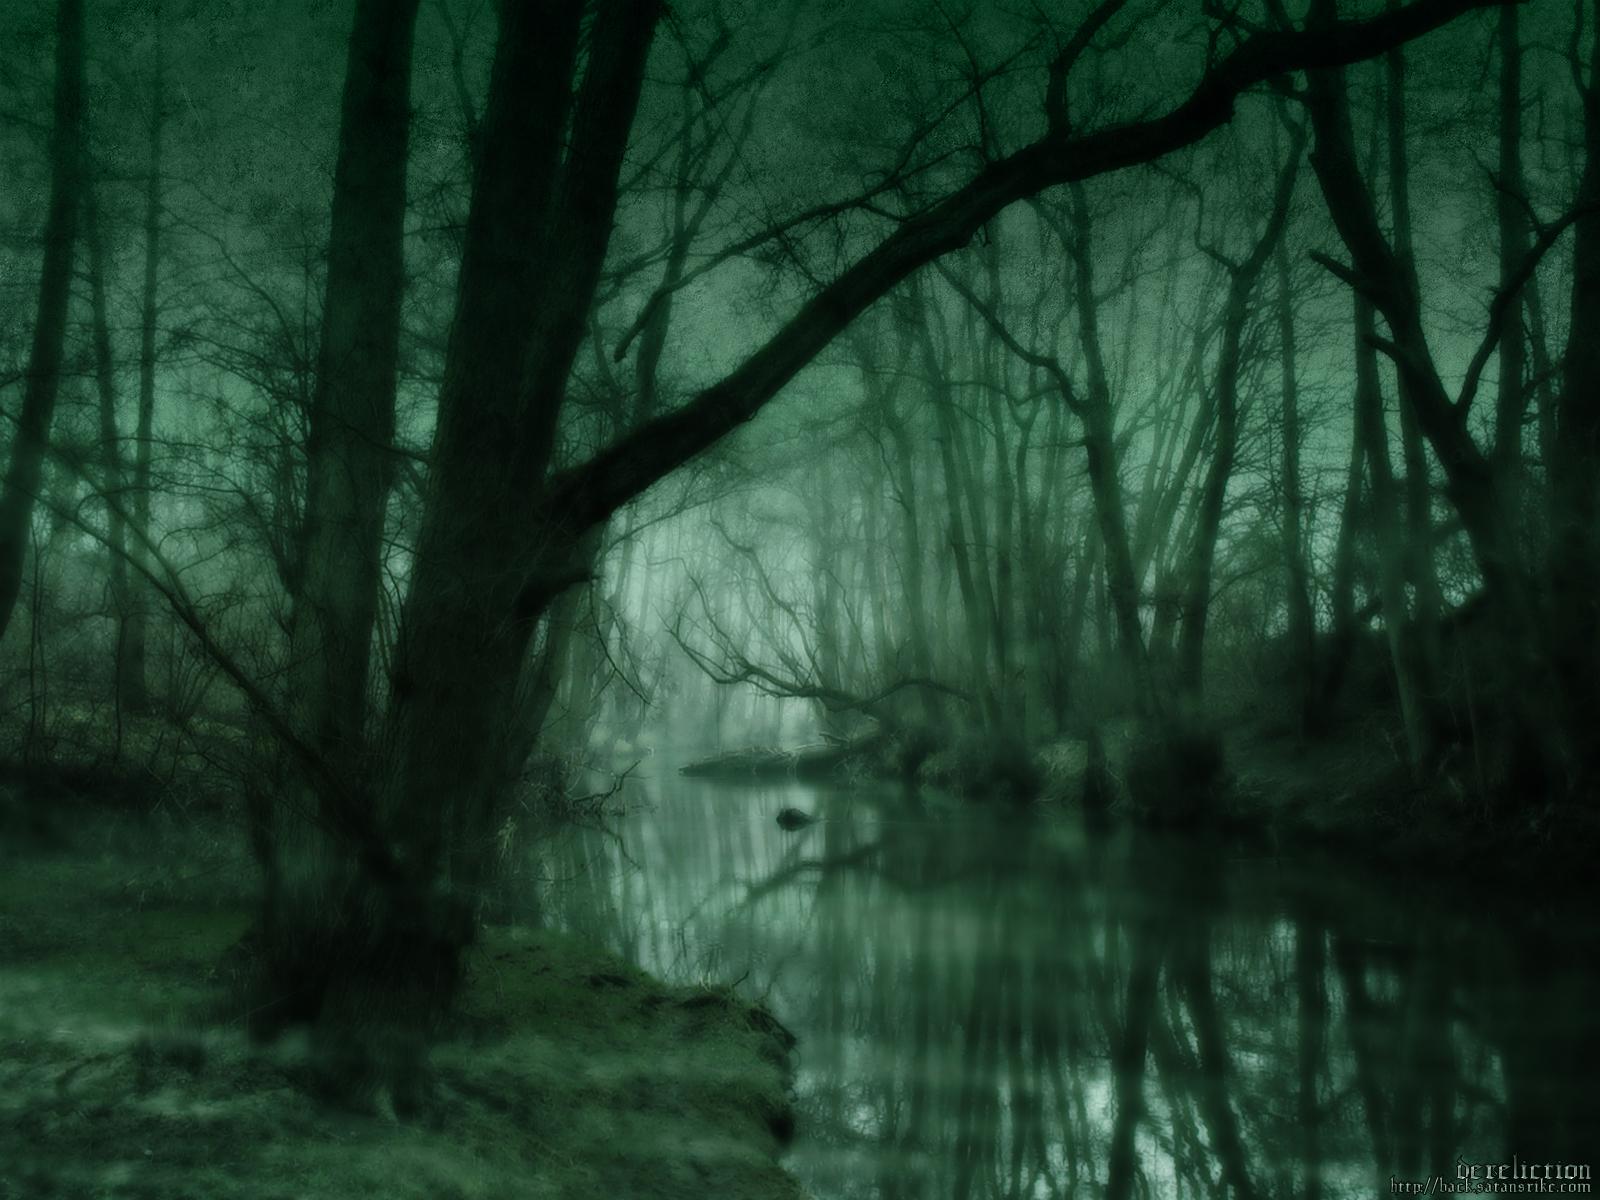 http://3.bp.blogspot.com/-g_O2Re604vo/T9xwwQ7pHtI/AAAAAAAAAxE/J82VLk2Zcs4/s1600/Dark-Forest-Wallpaper-6.jpg